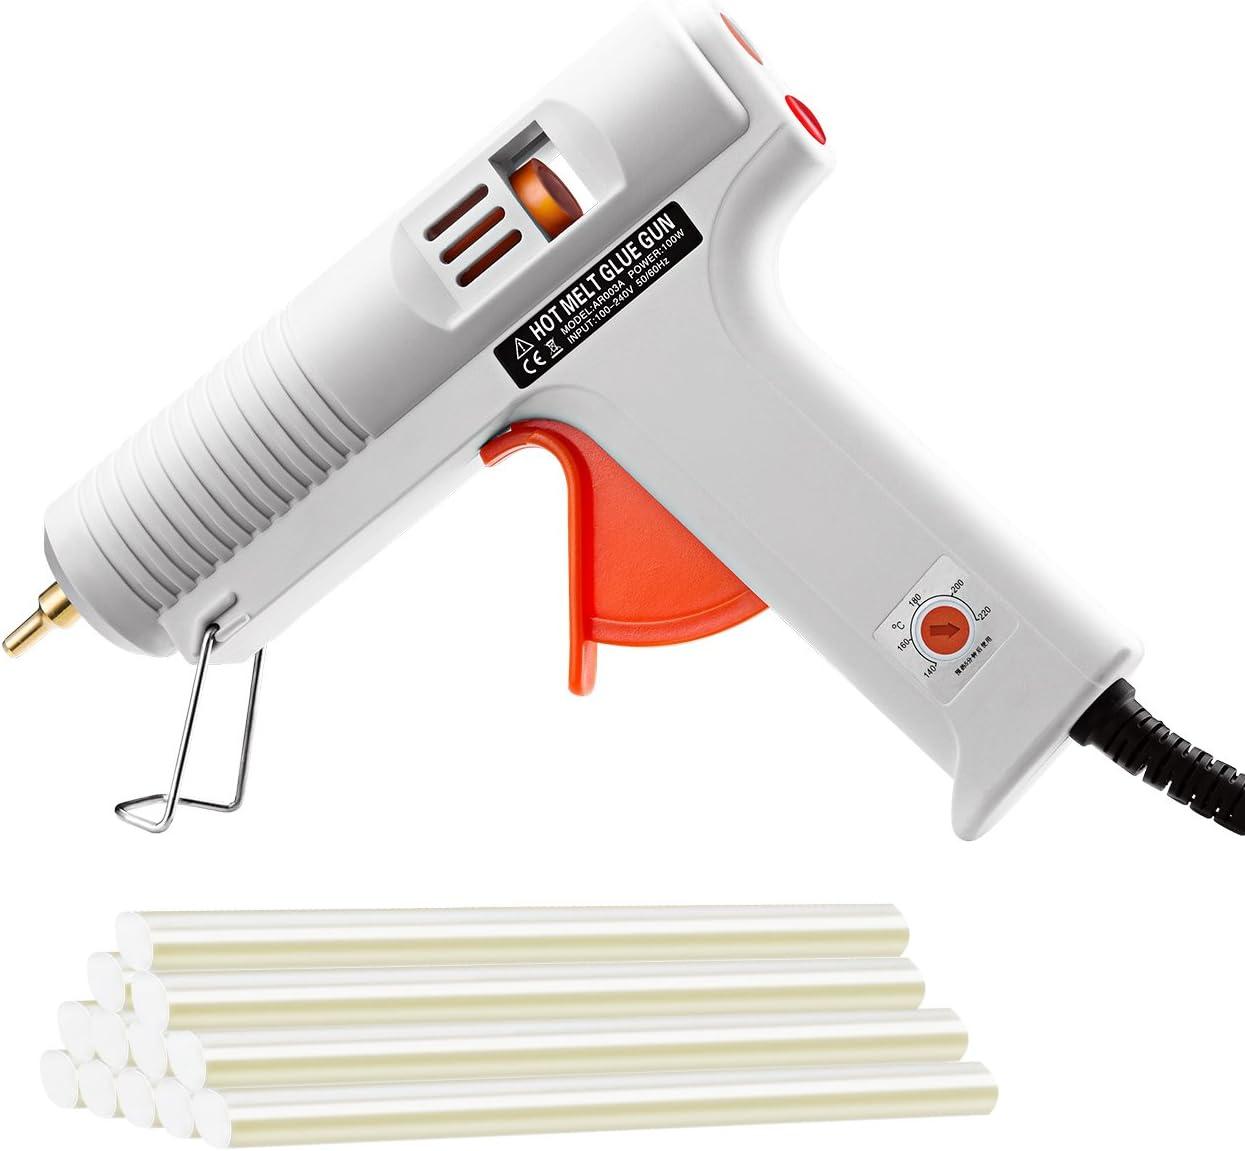 Pistola de Silicona Caliente 100W Manualidades con 12 Psc Barra de Silicona, Perfecta para Pequeña Artesanía de Bricolaje, Reparaciones Caseras Rápido y la Industria